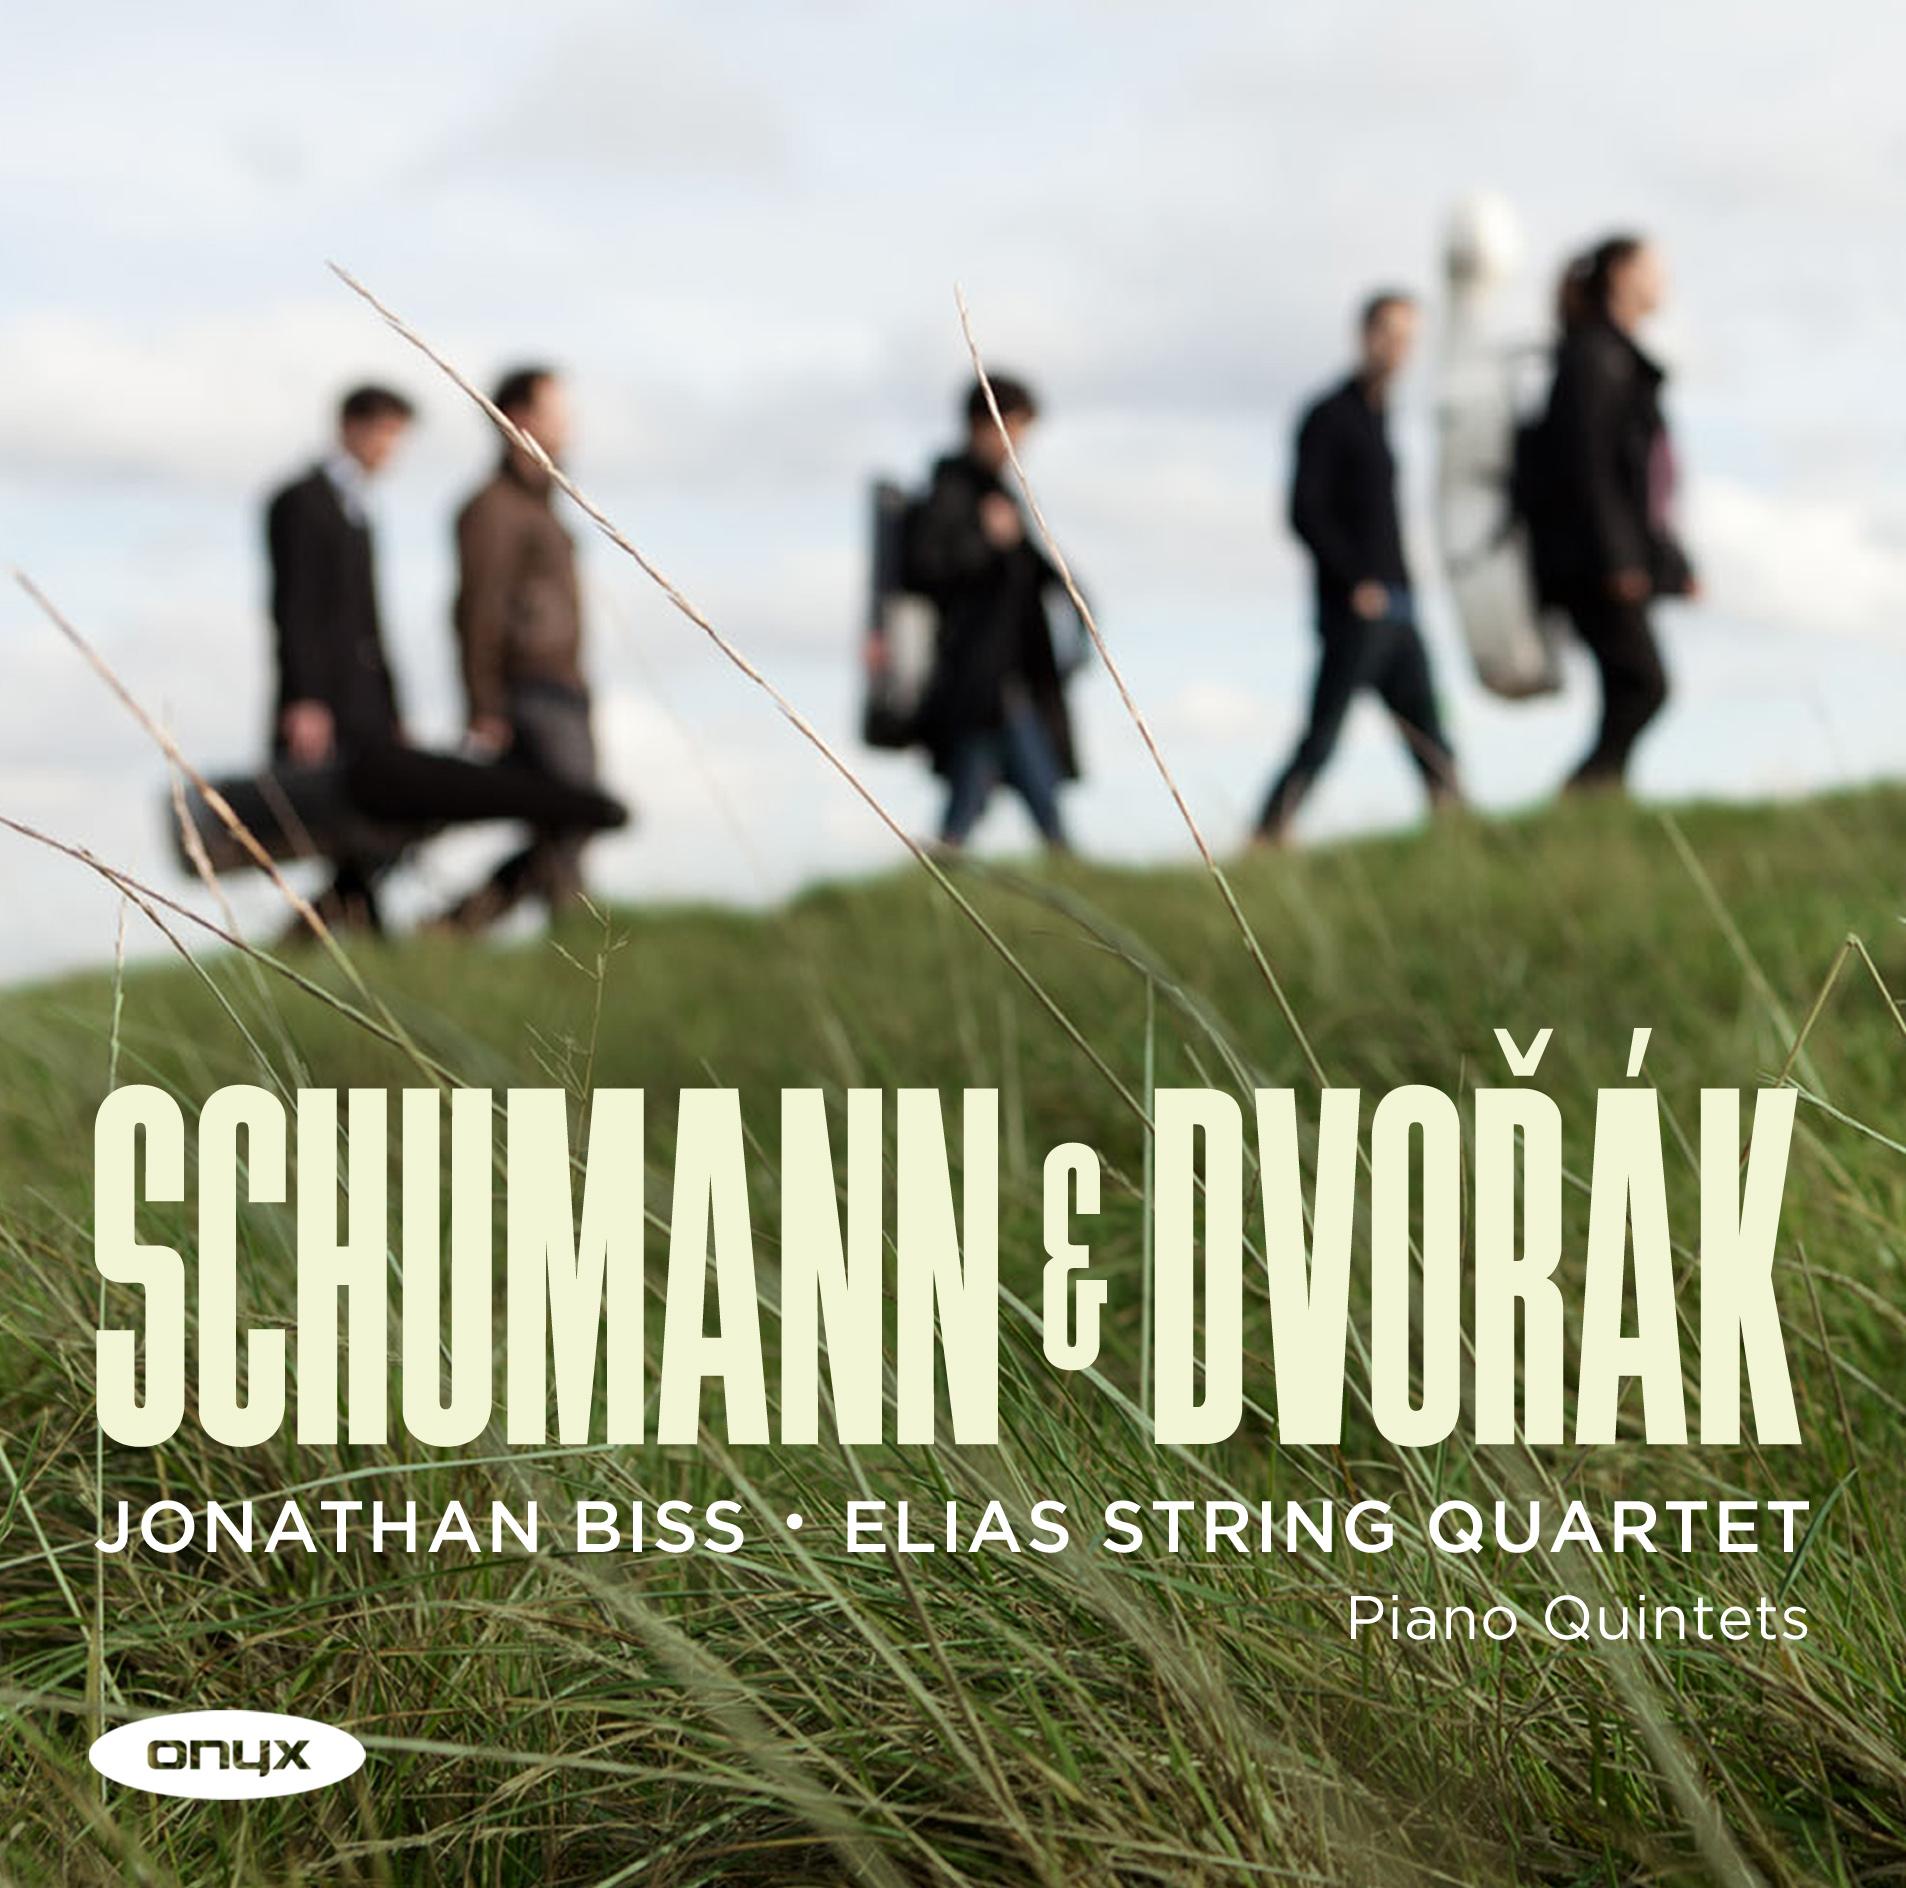 546Elias String Quartet